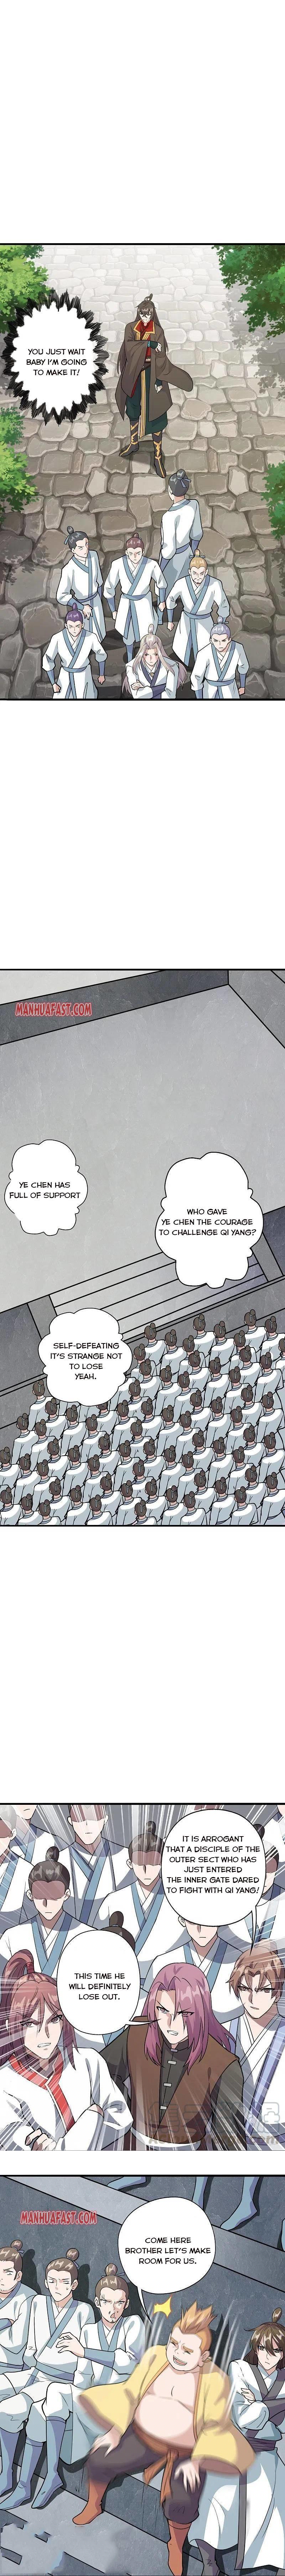 Banished Disciple's Counterattack Chapter 203 page 5 - Mangakakalots.com